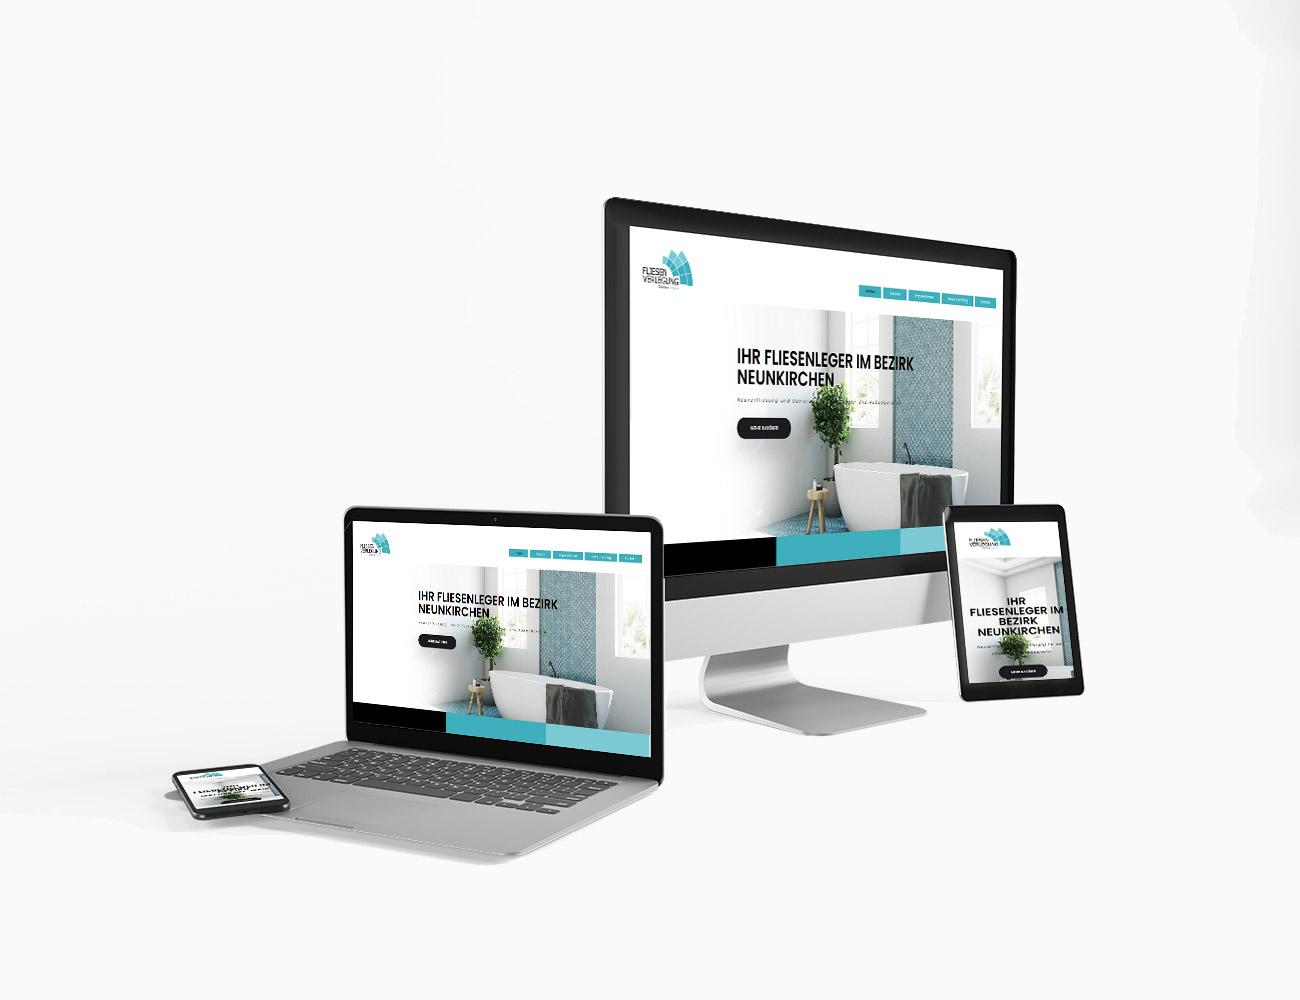 Fliesen Leitner hat eine neue Webseite